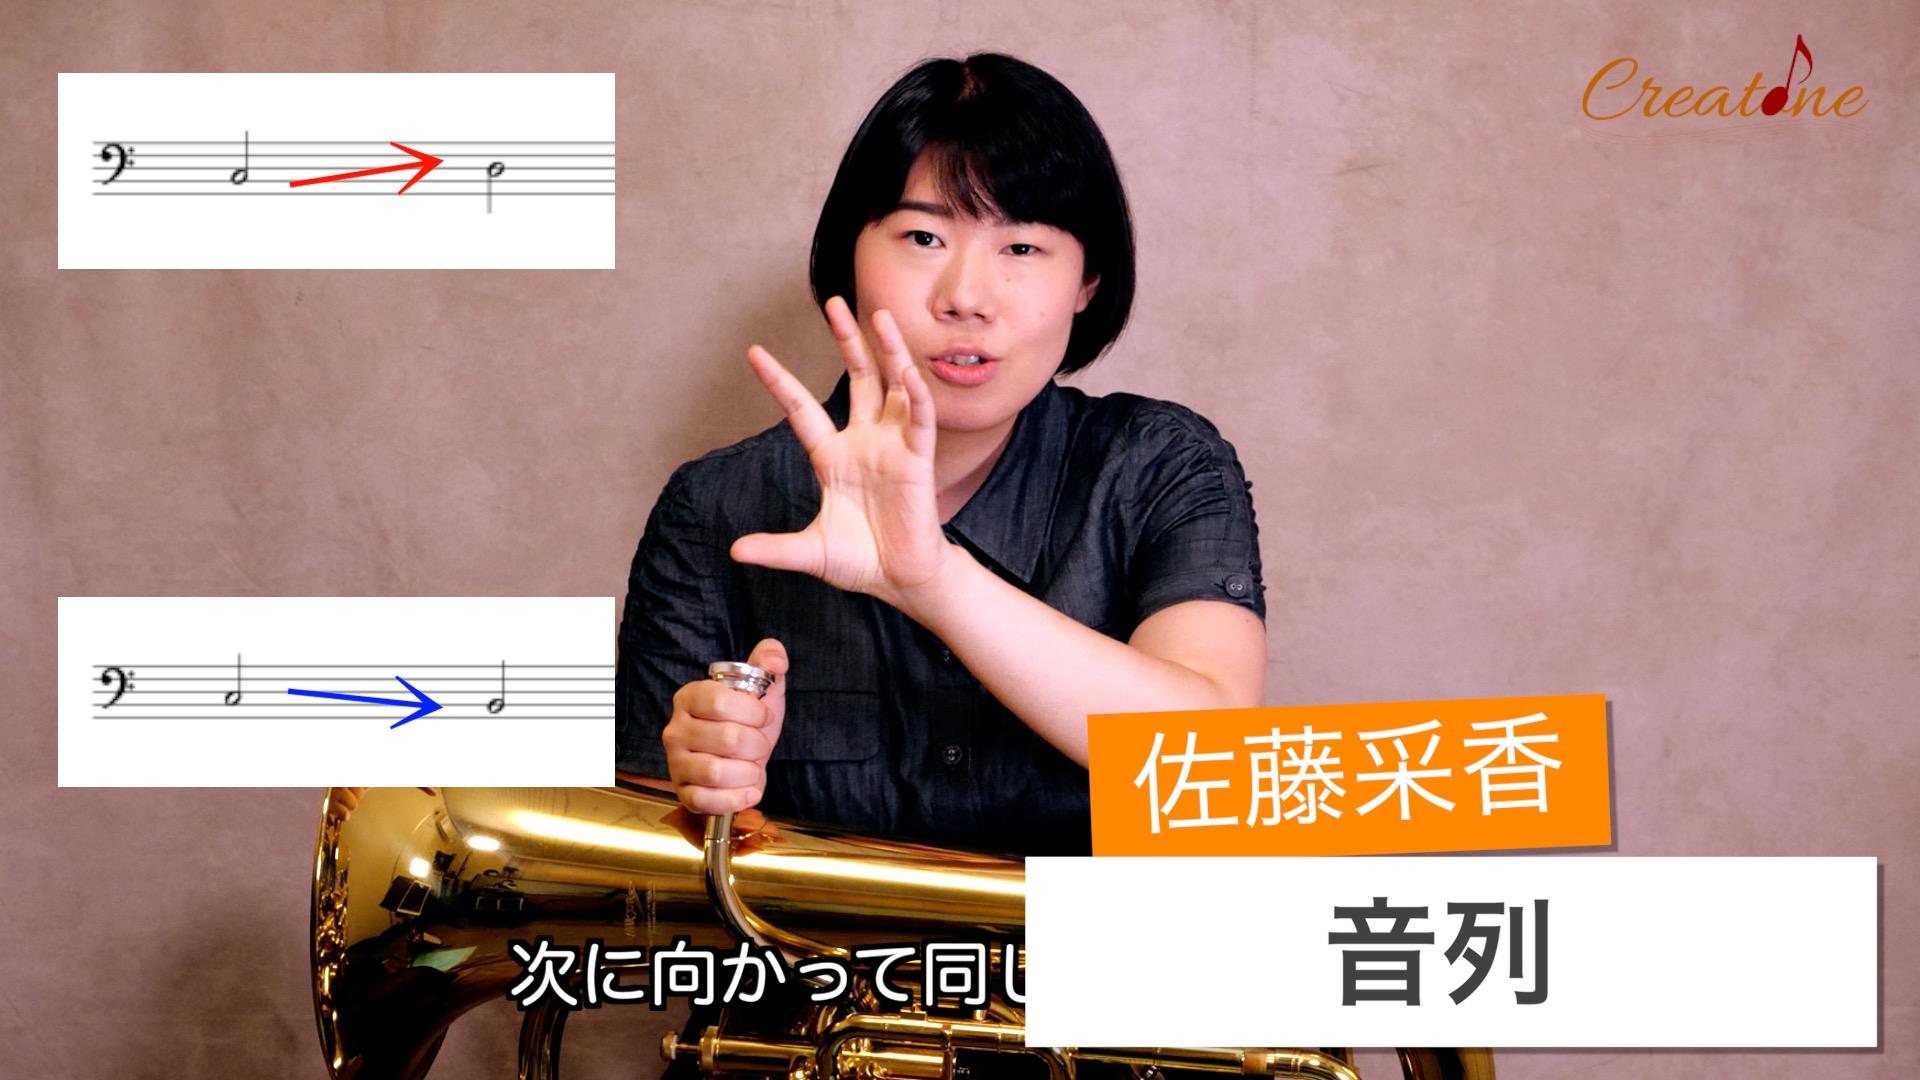 佐藤采香14 音列 サムネ